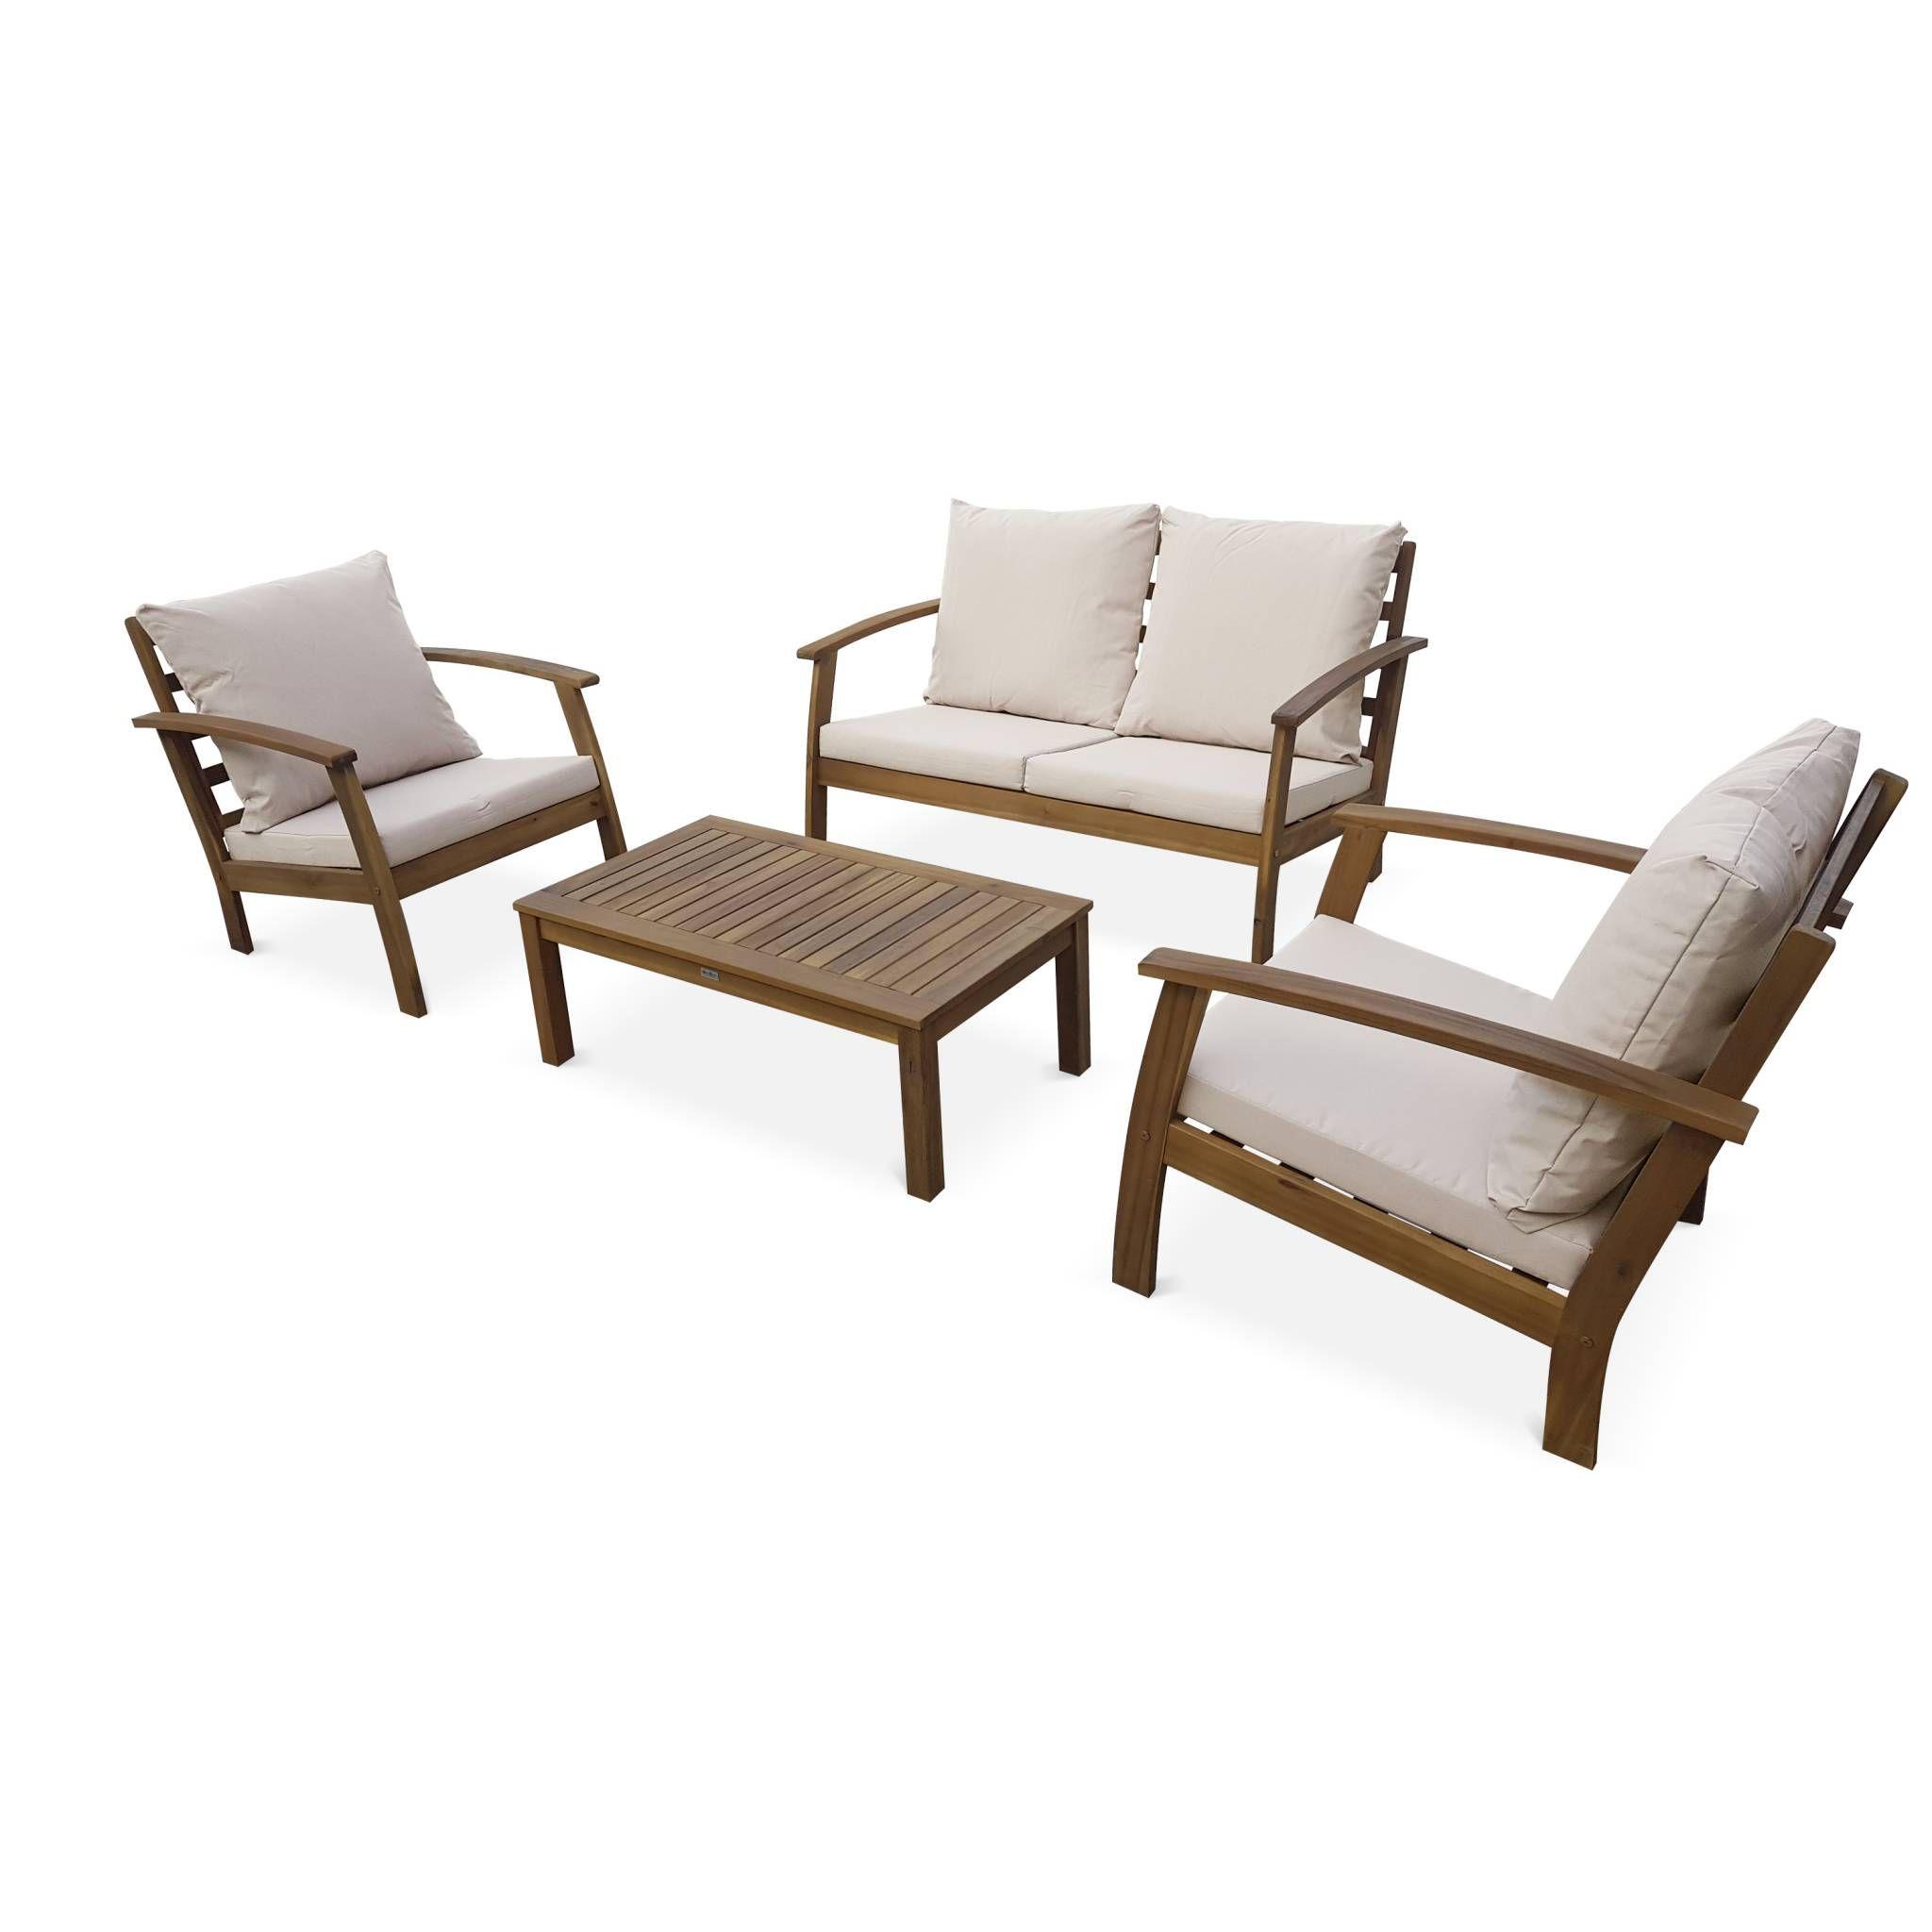 Salon de jardin en bois 4 places - Ushuaïa - Coussins Ecrus ...